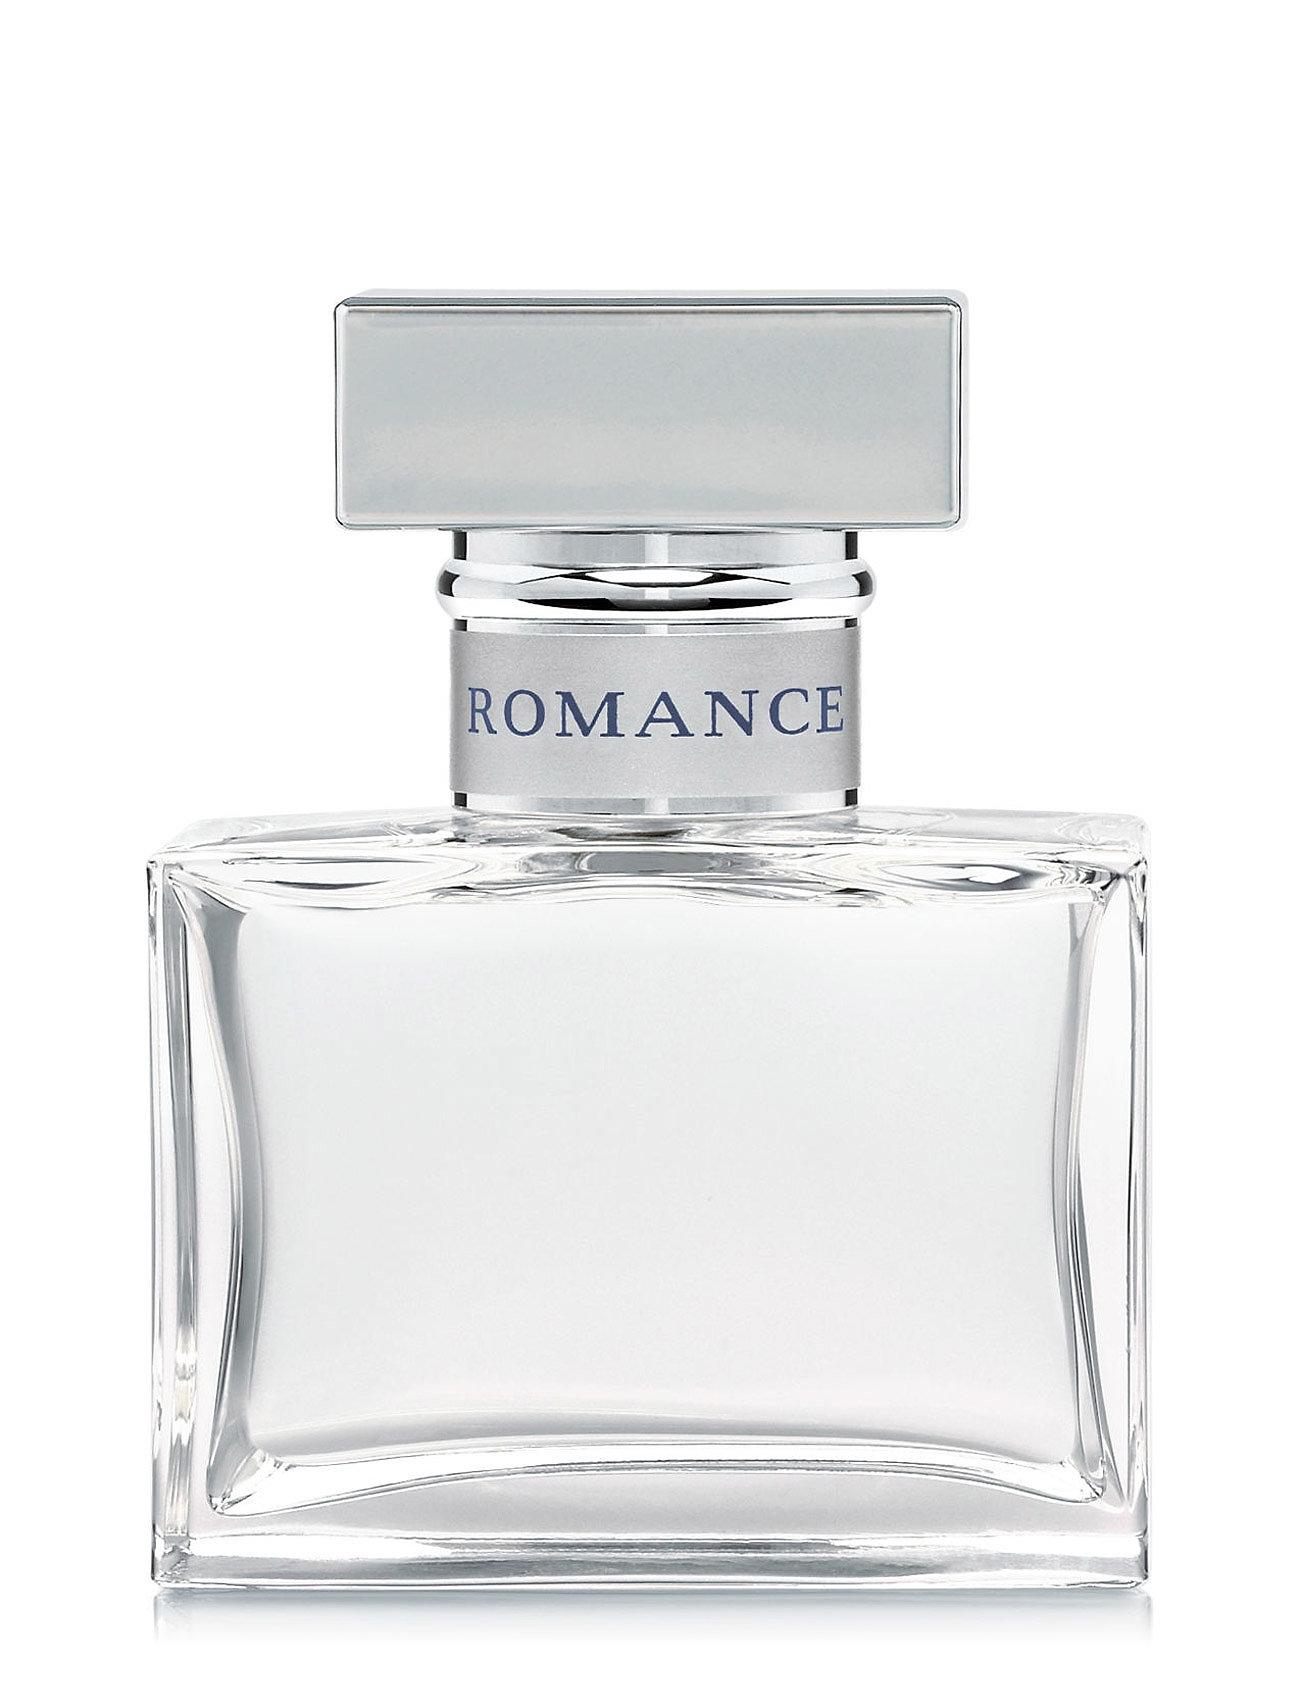 ralph lauren Romance eau de parfum 30 ml på boozt.com dk